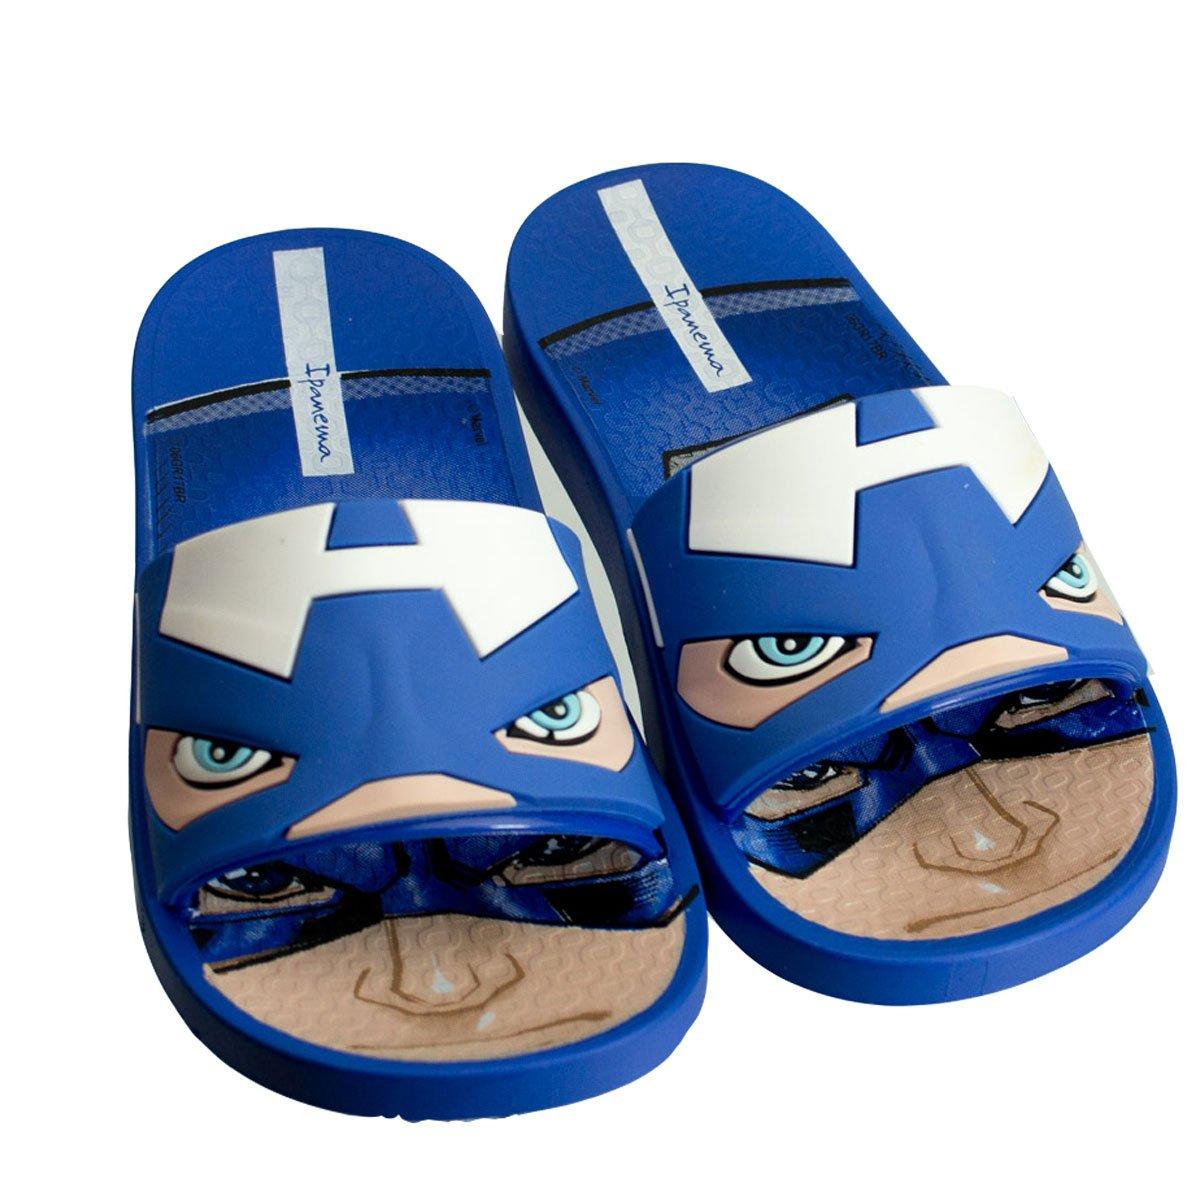 04fbf0f436 Bizz Store - Chinelo Slide Infantil Grendene Ipanema Avengers